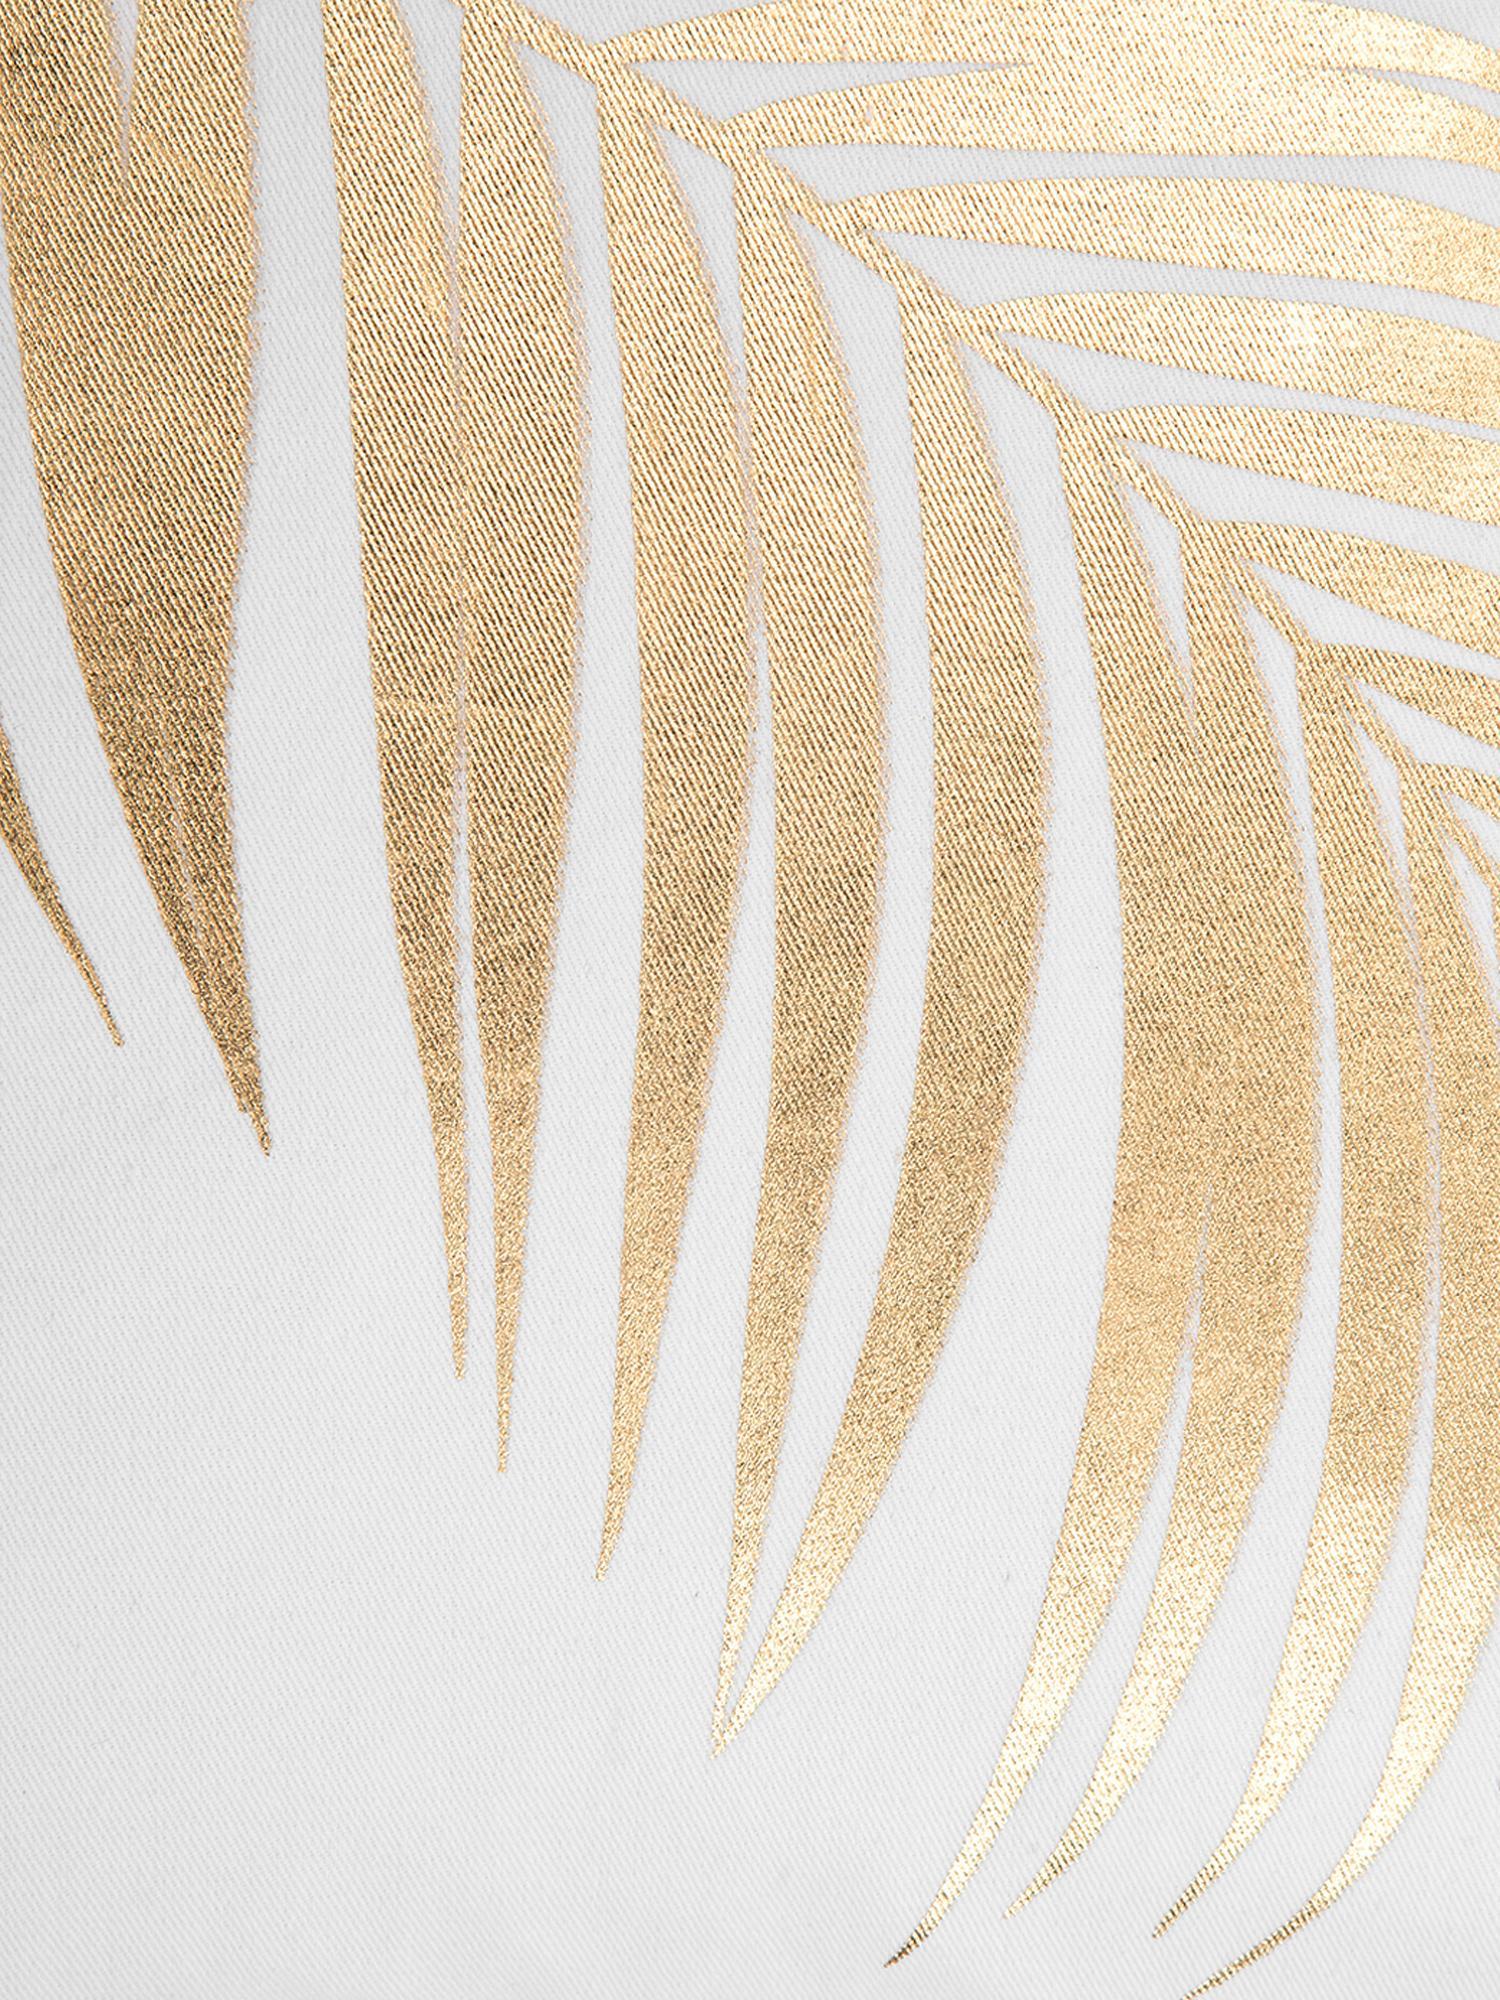 Weisse Kissenhülle Light mit goldenem Print, 100% Baumwolle, Weiss, Goldfarben, 40 x 40 cm